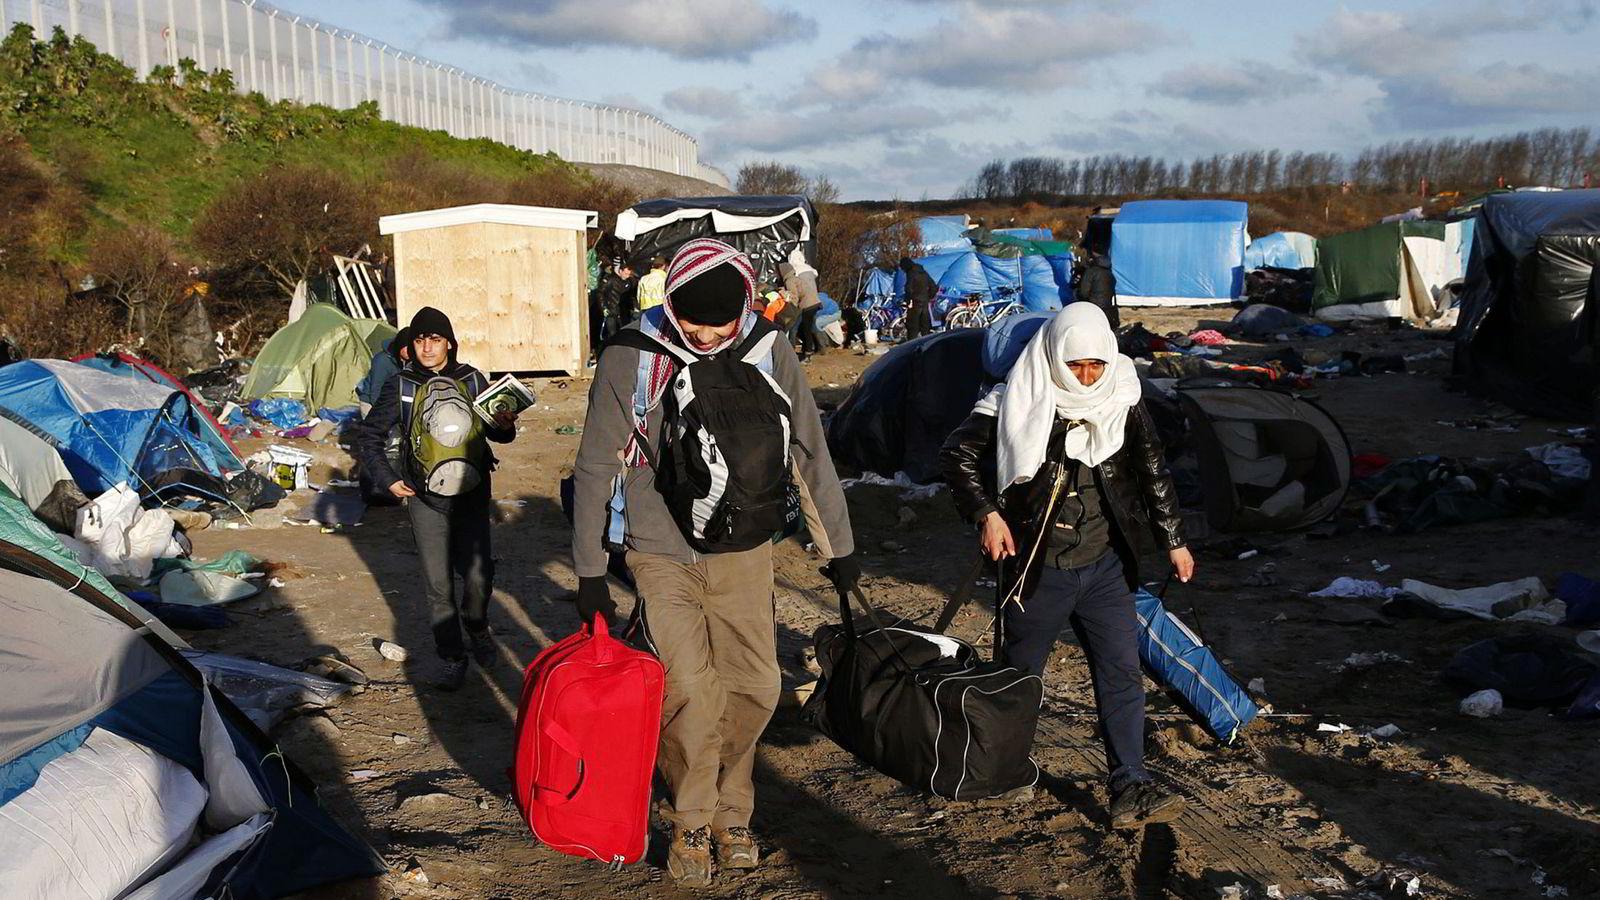 Retten til å søke om asyl er en grunnleggende menneskerett nedfelt i Verdenserklæringen. Vi står i dag overfor den største humanitære krisen siden annen verdenskrigandre verdenskrig, sier forfattererne. Her flyktninger i en leir i Calais i Frankrike. Foto: Benoit Tessier, Reuters/NTB Scanpix